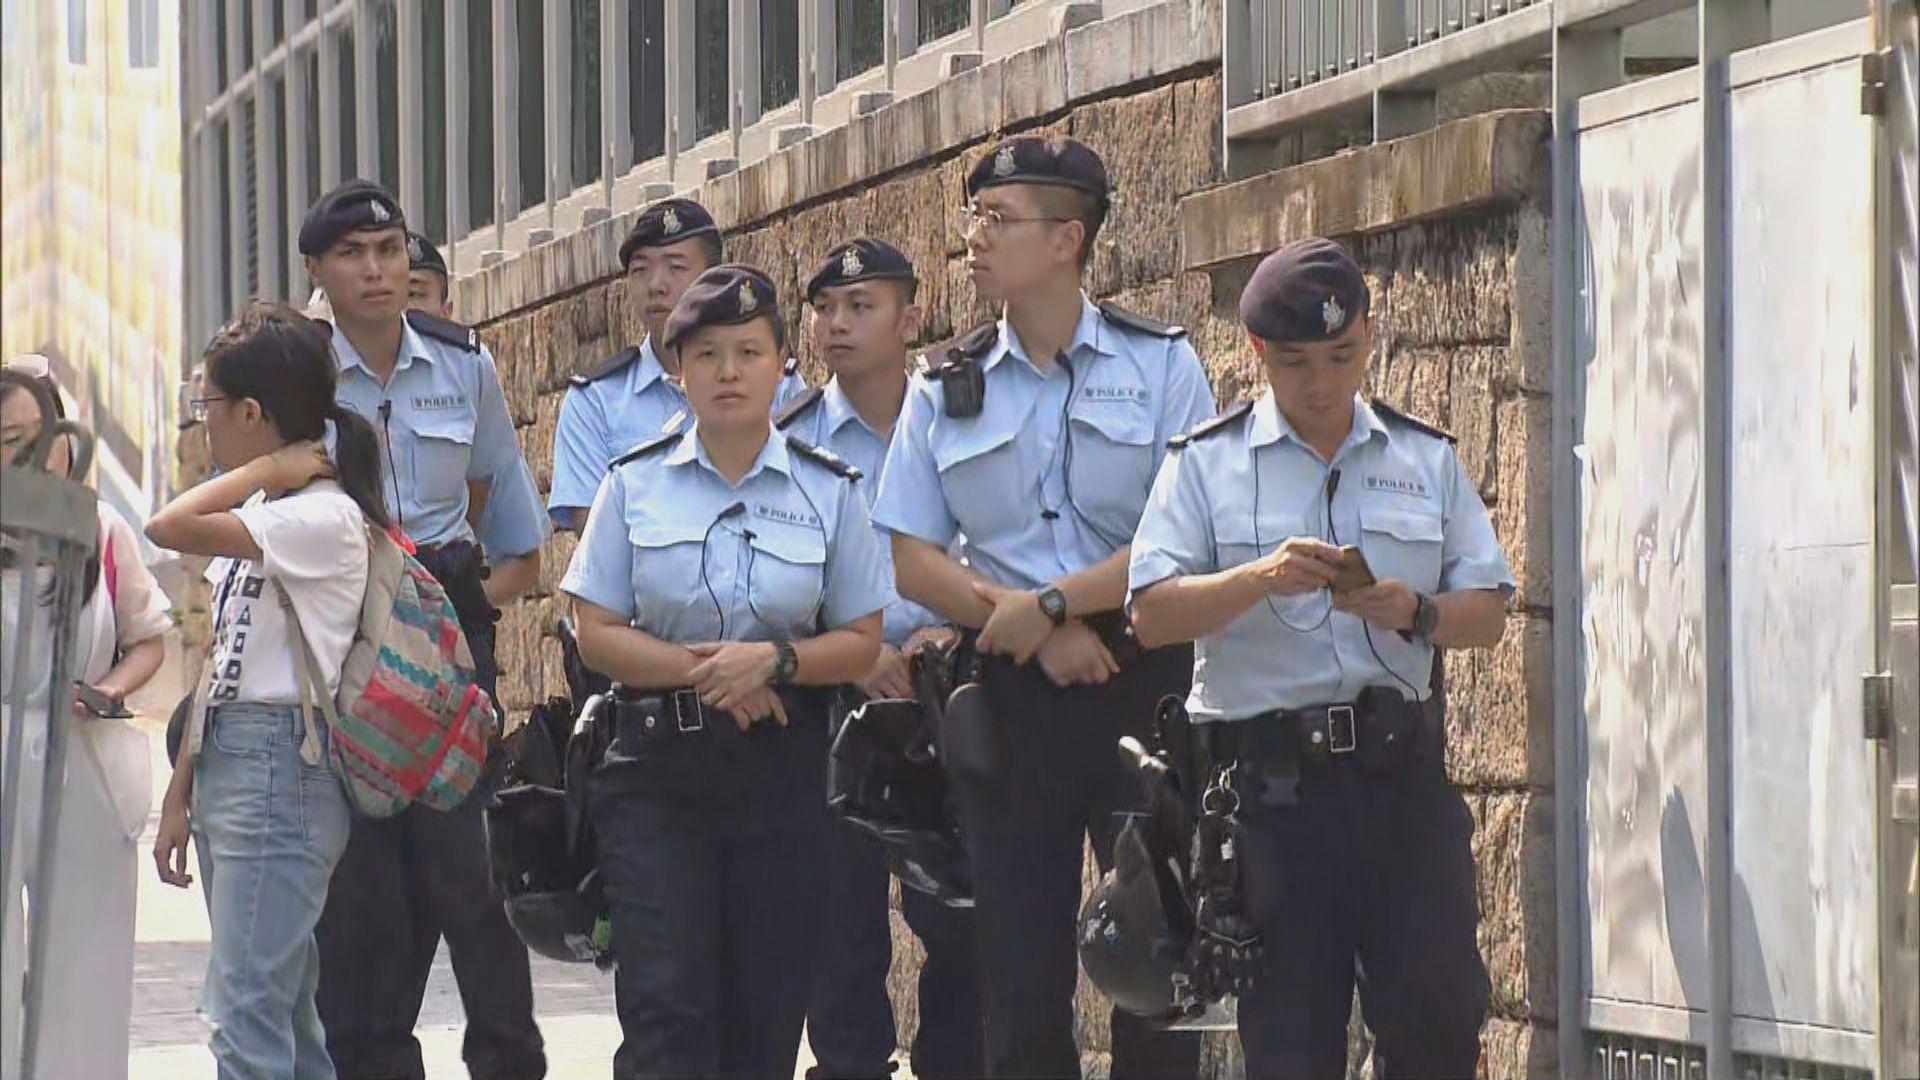 【社區對話前】警方下午在伊館一帶布防 商戶批擾民